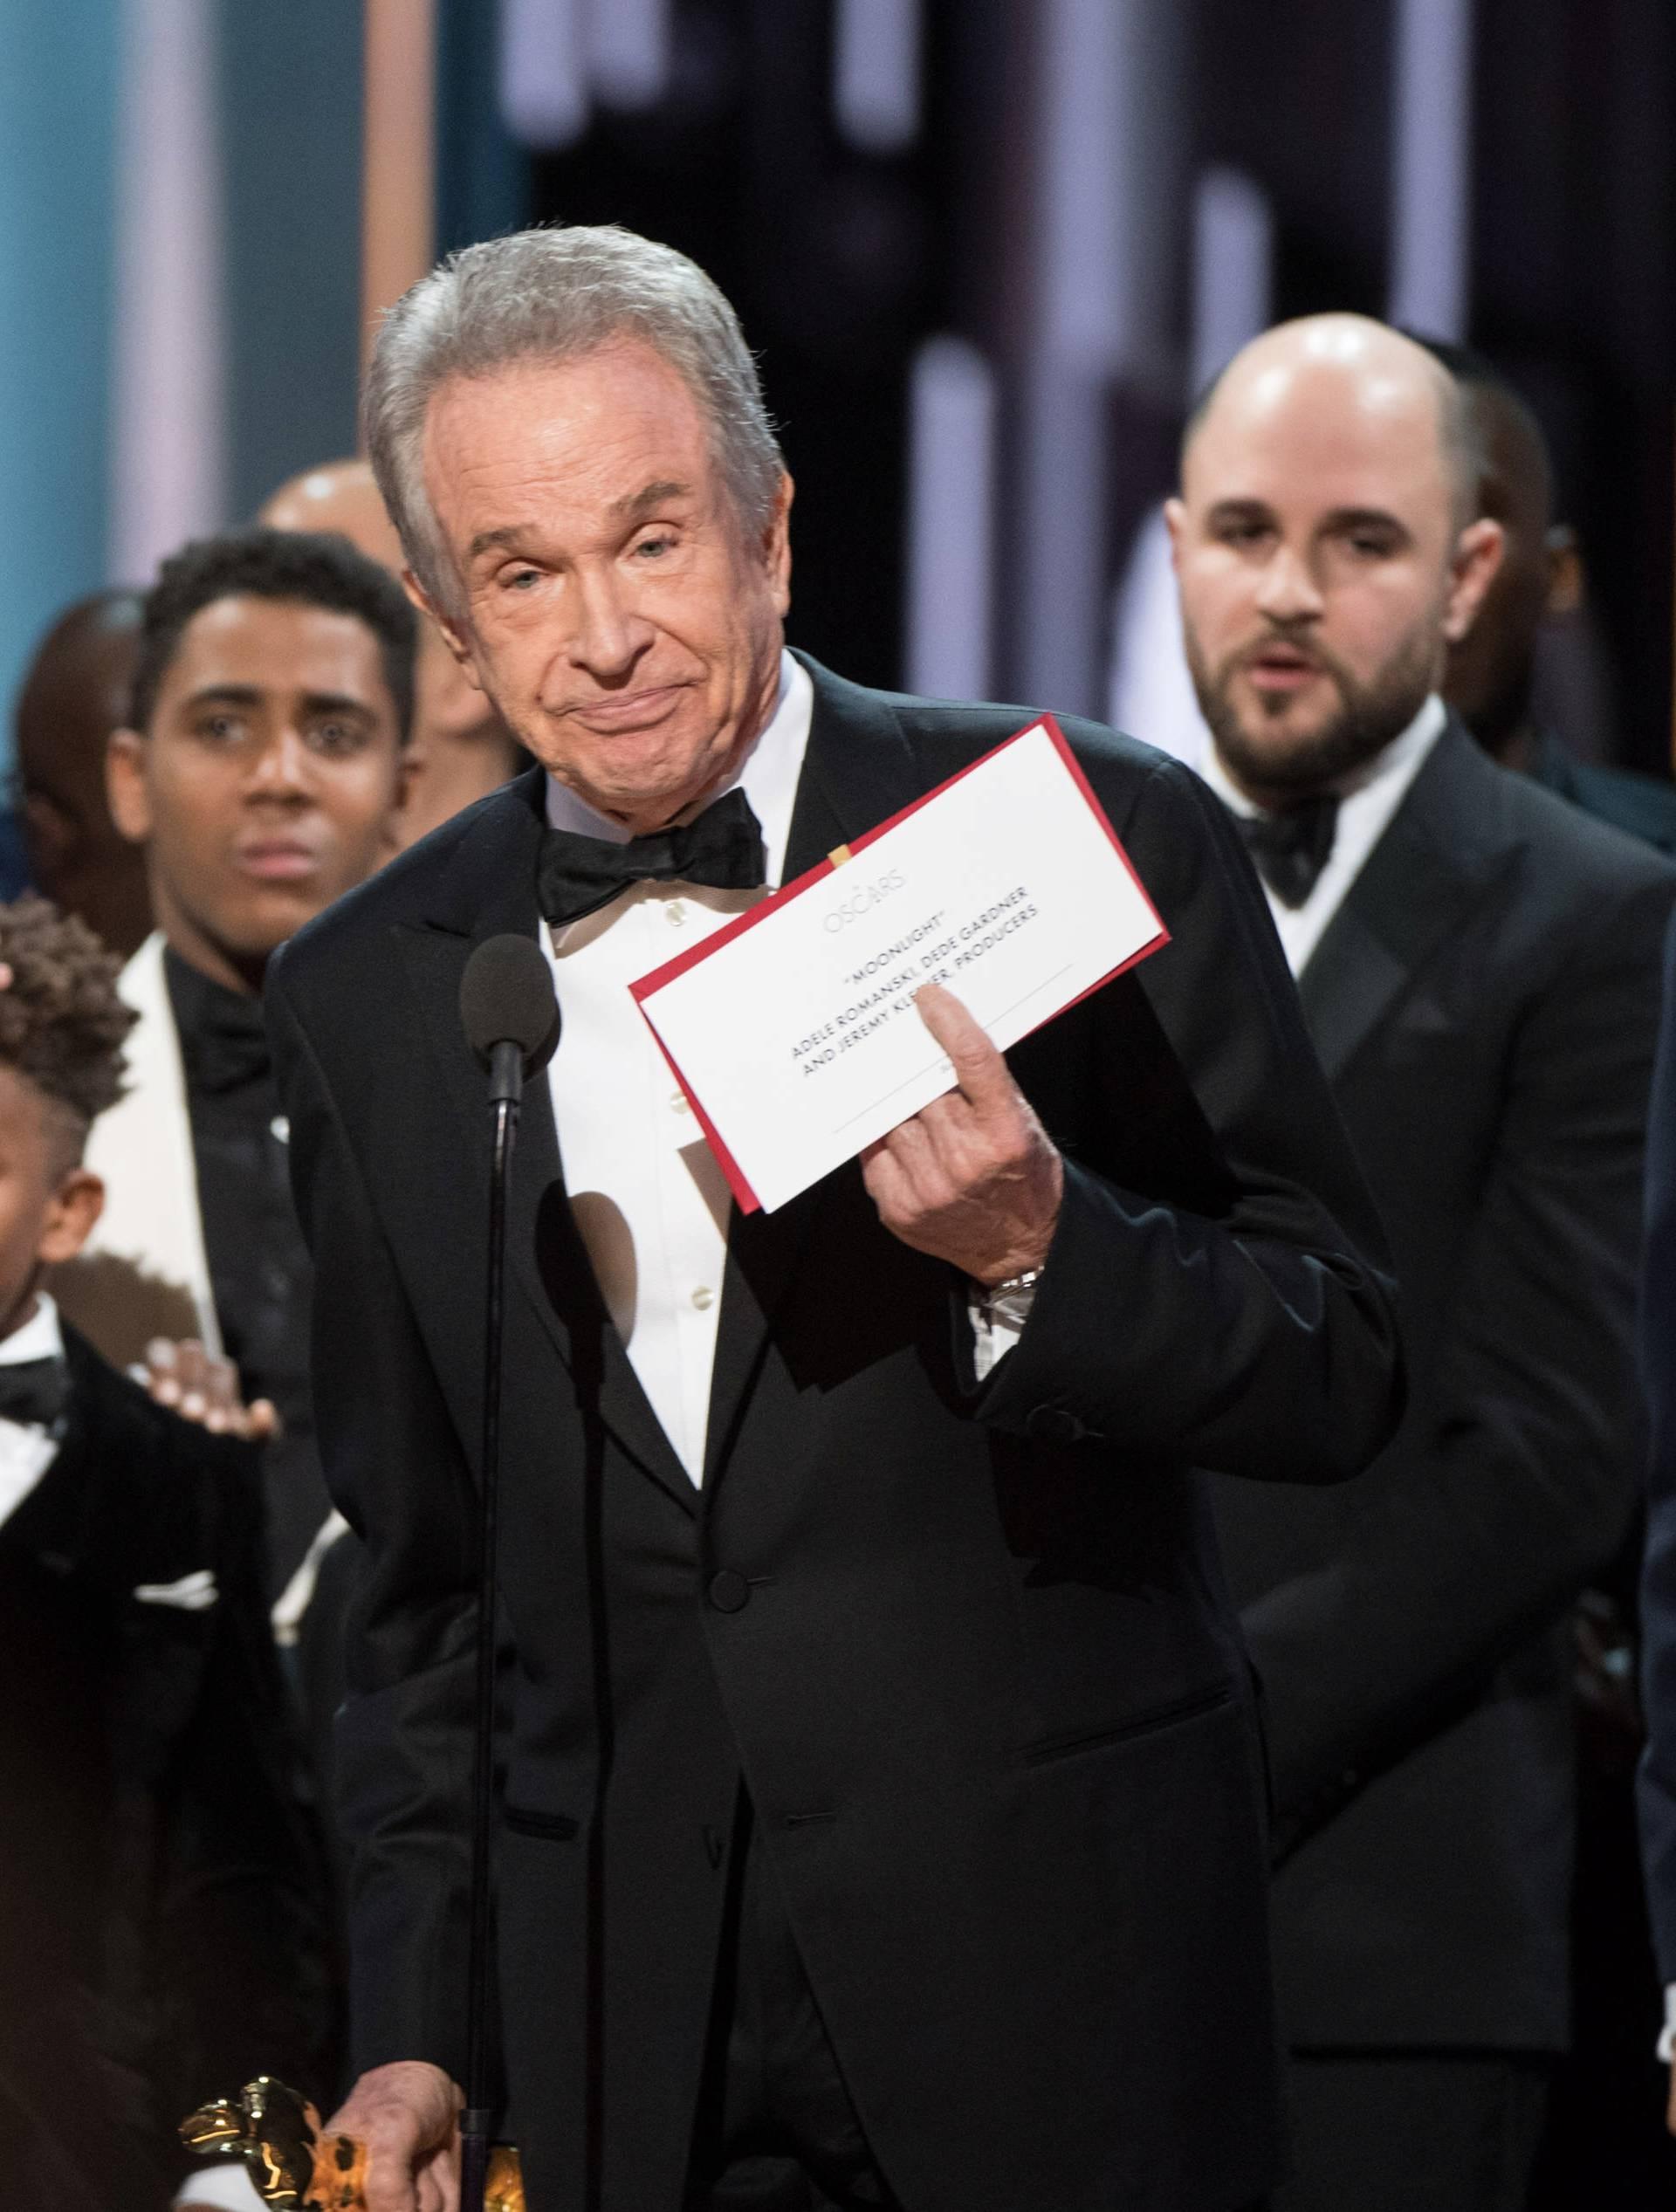 89th Annual Academy Awards - Telecast